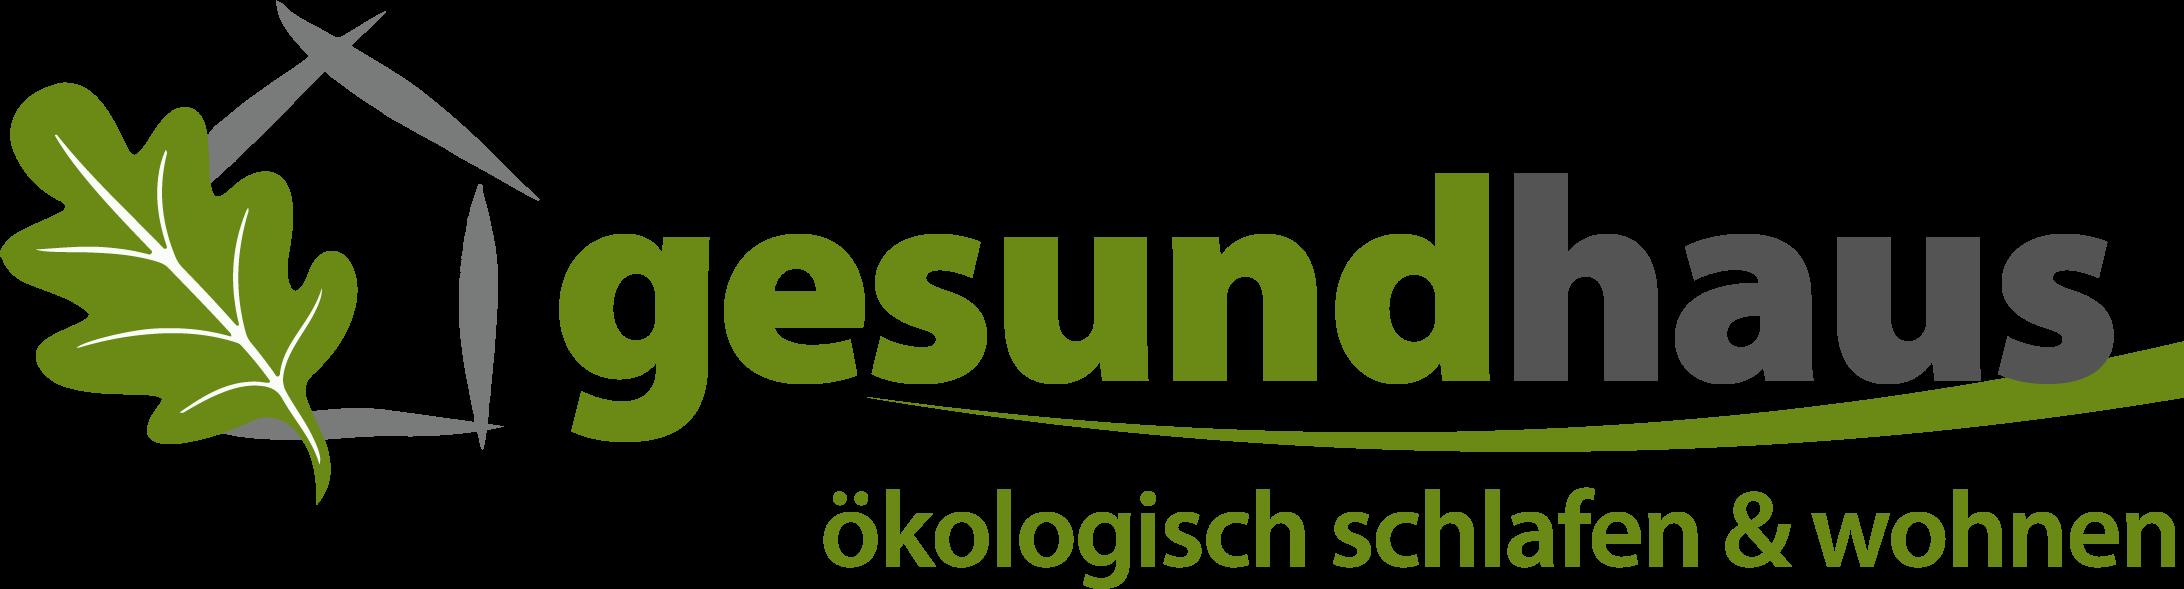 Gesundhaus_Logo